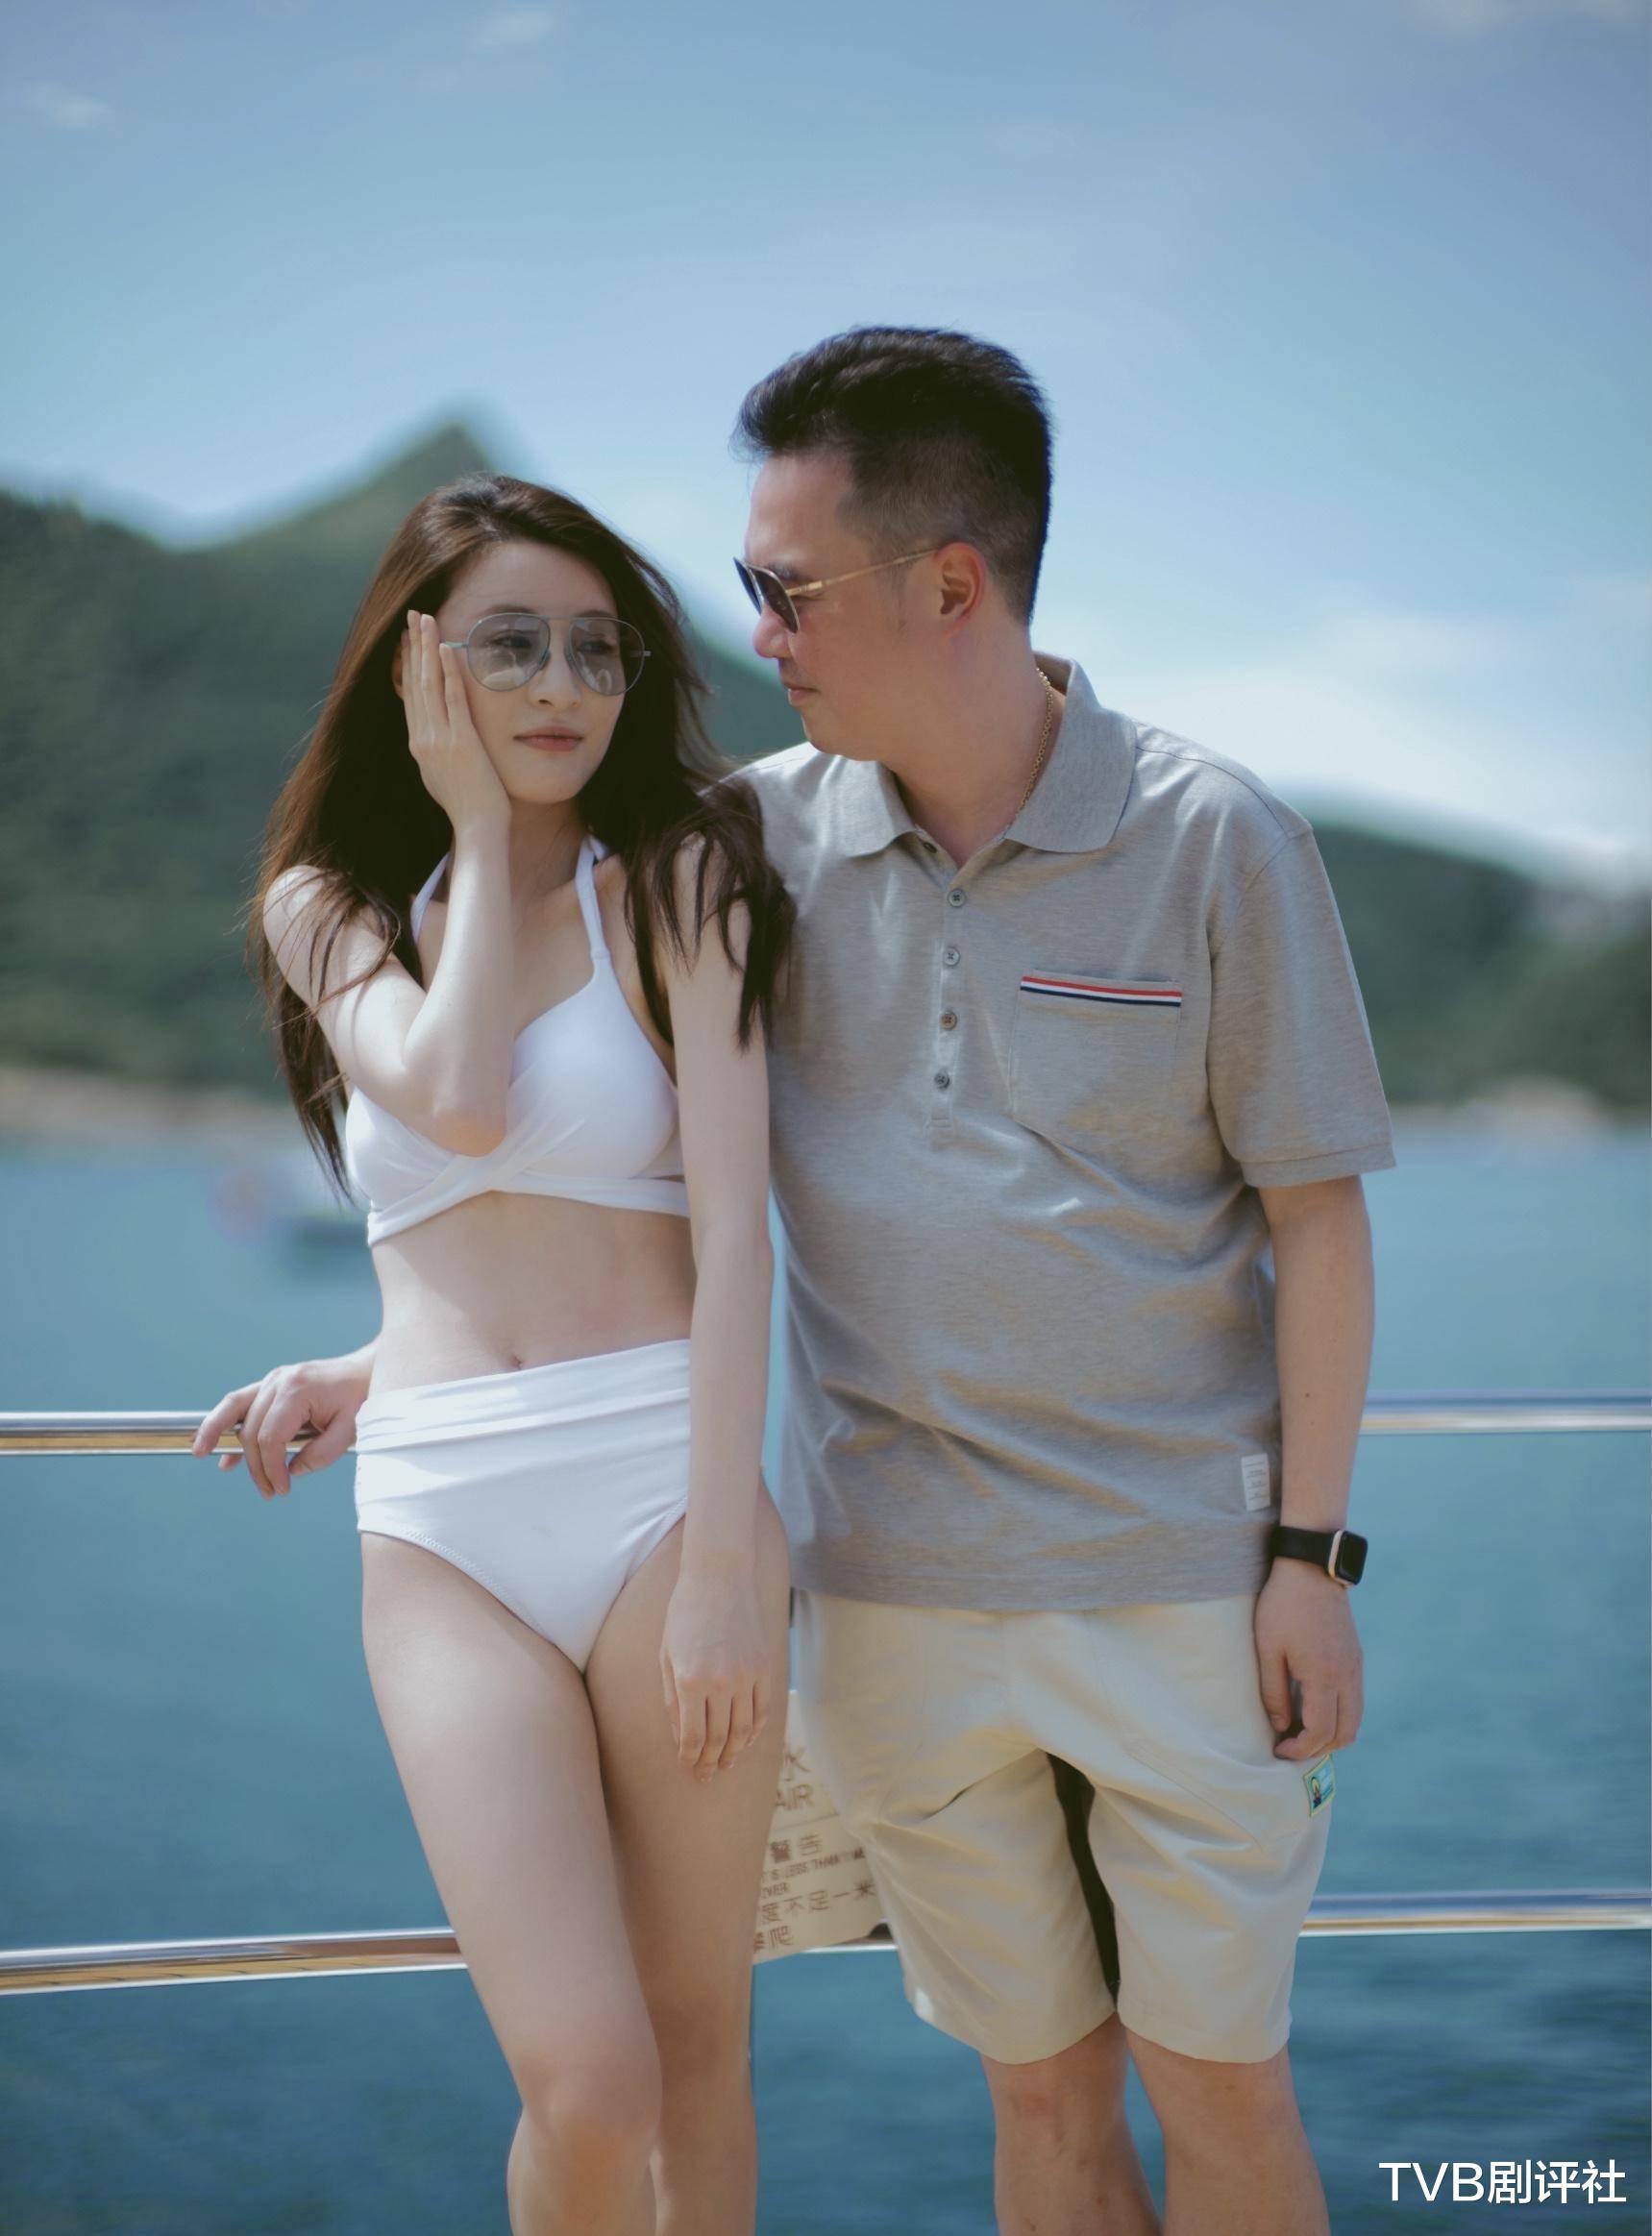 林夏薇素顏做運動被指太瘦 嫁豪門曾被網友認為被騙今生活幸福-圖8